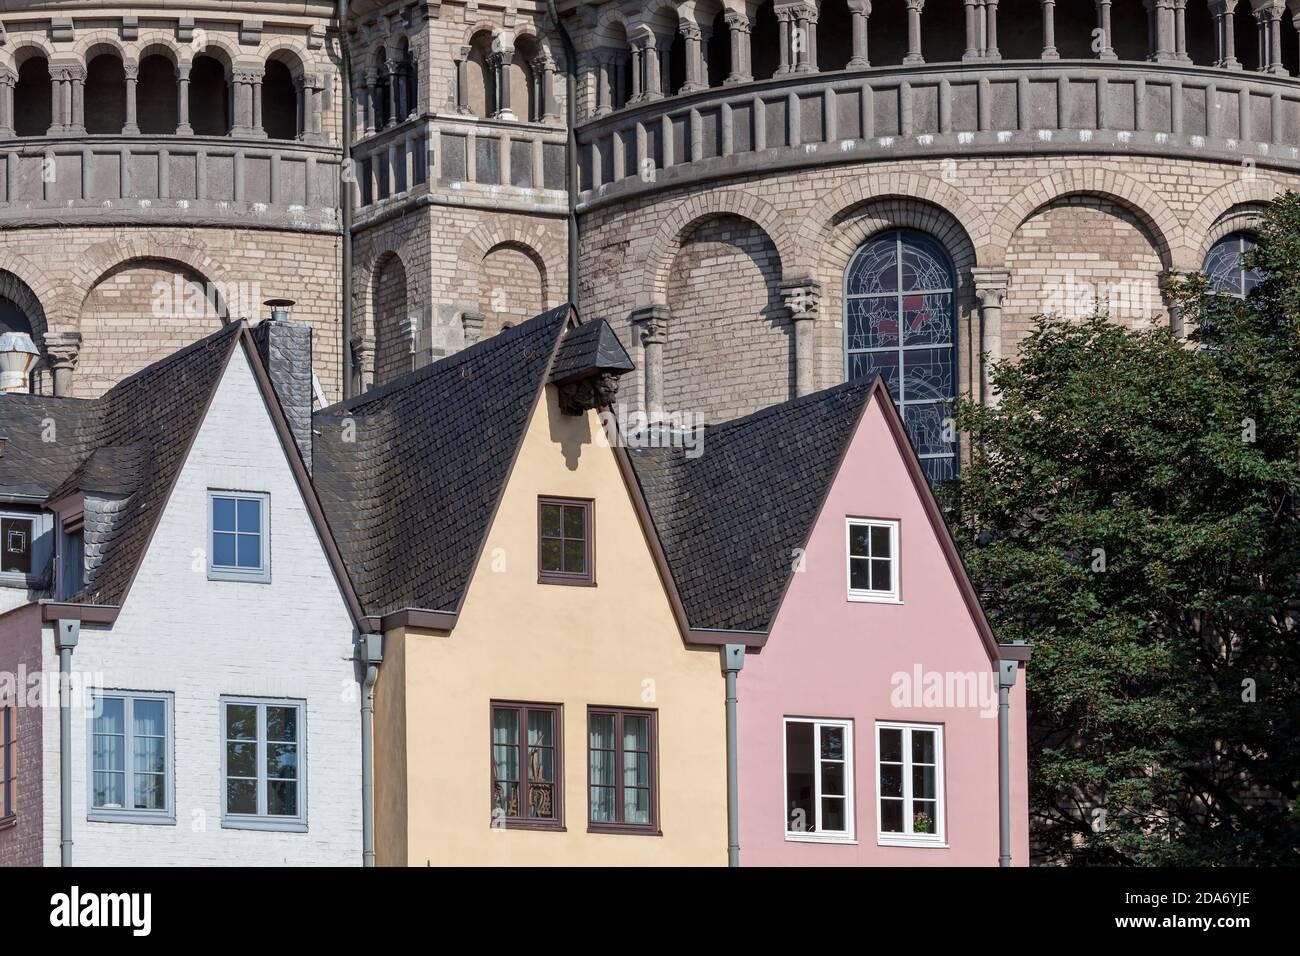 Geografia / viaggio, Germania, Renania Settentrionale-Vestfalia, Colonia, case di fronte alla città principale di negozi St, diritti aggiuntivi-clearance-Info-non-disponibile Foto Stock